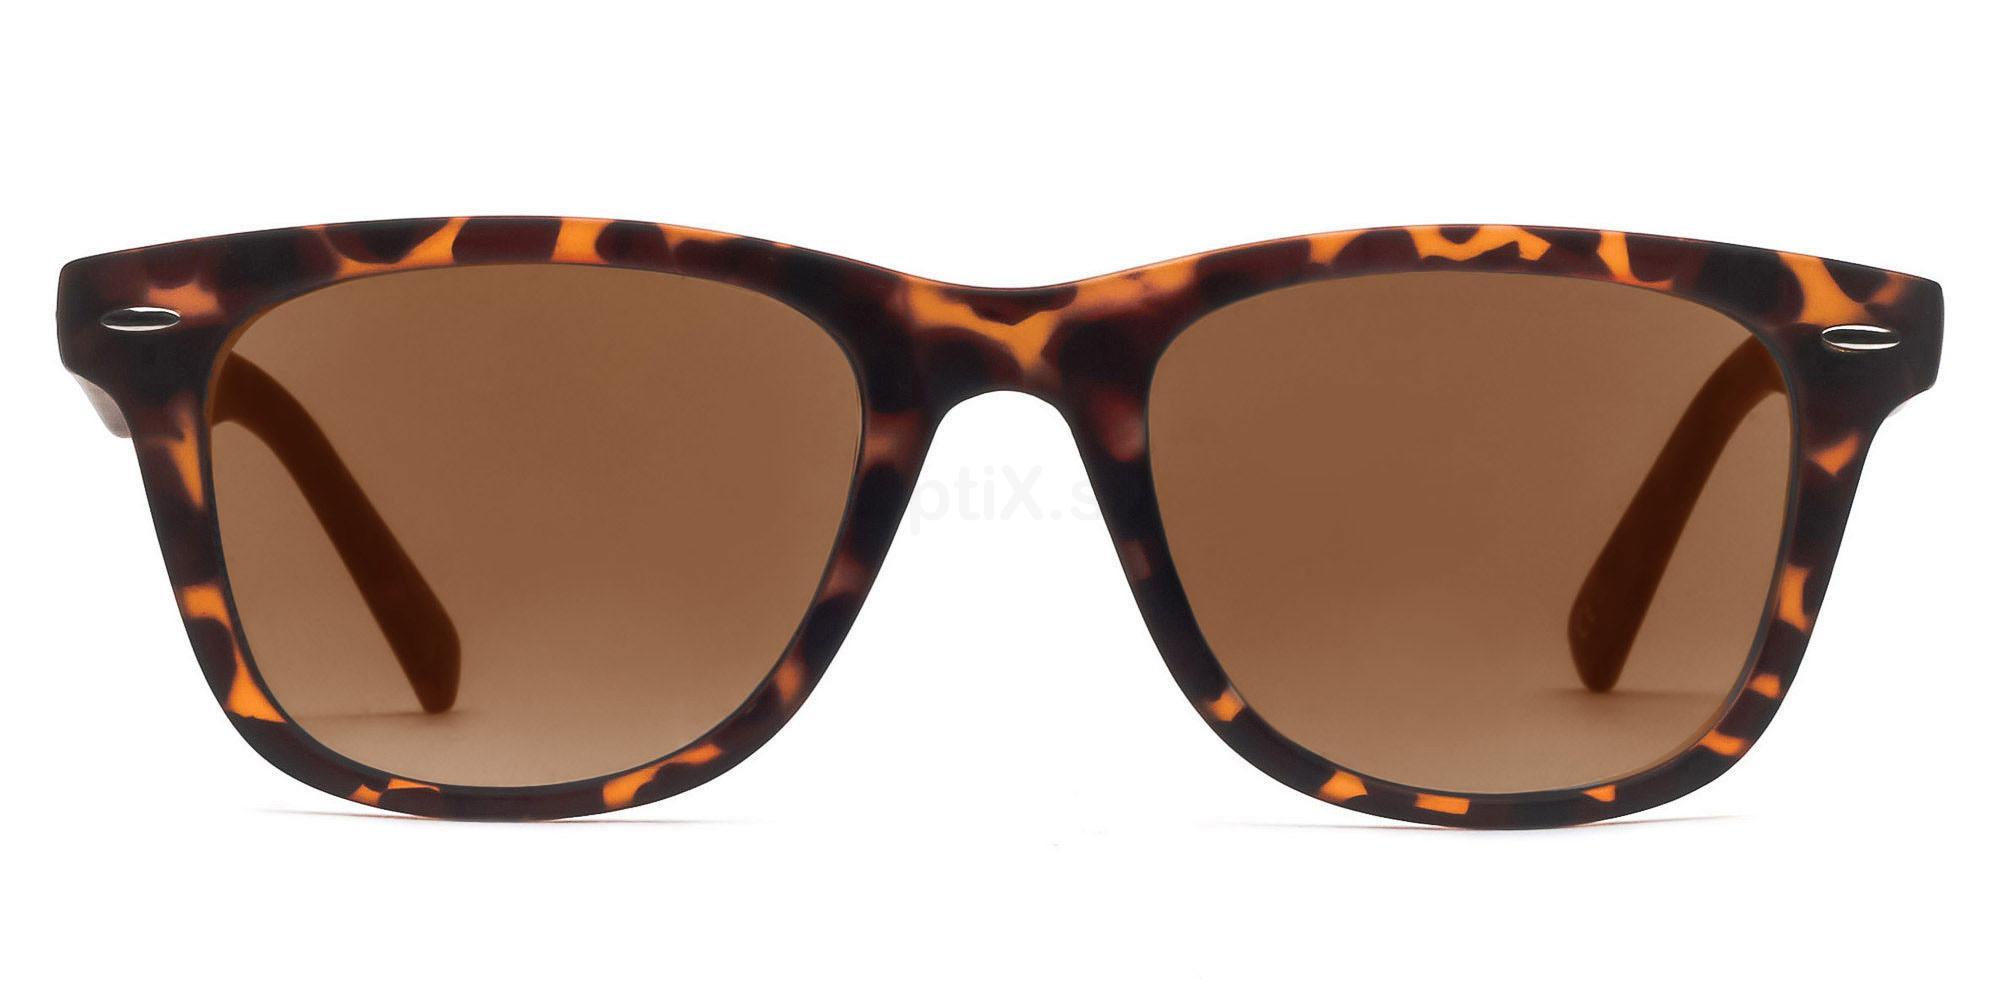 C9 8121 - Tortoise (Sunglasses) Sunglasses, Savannah